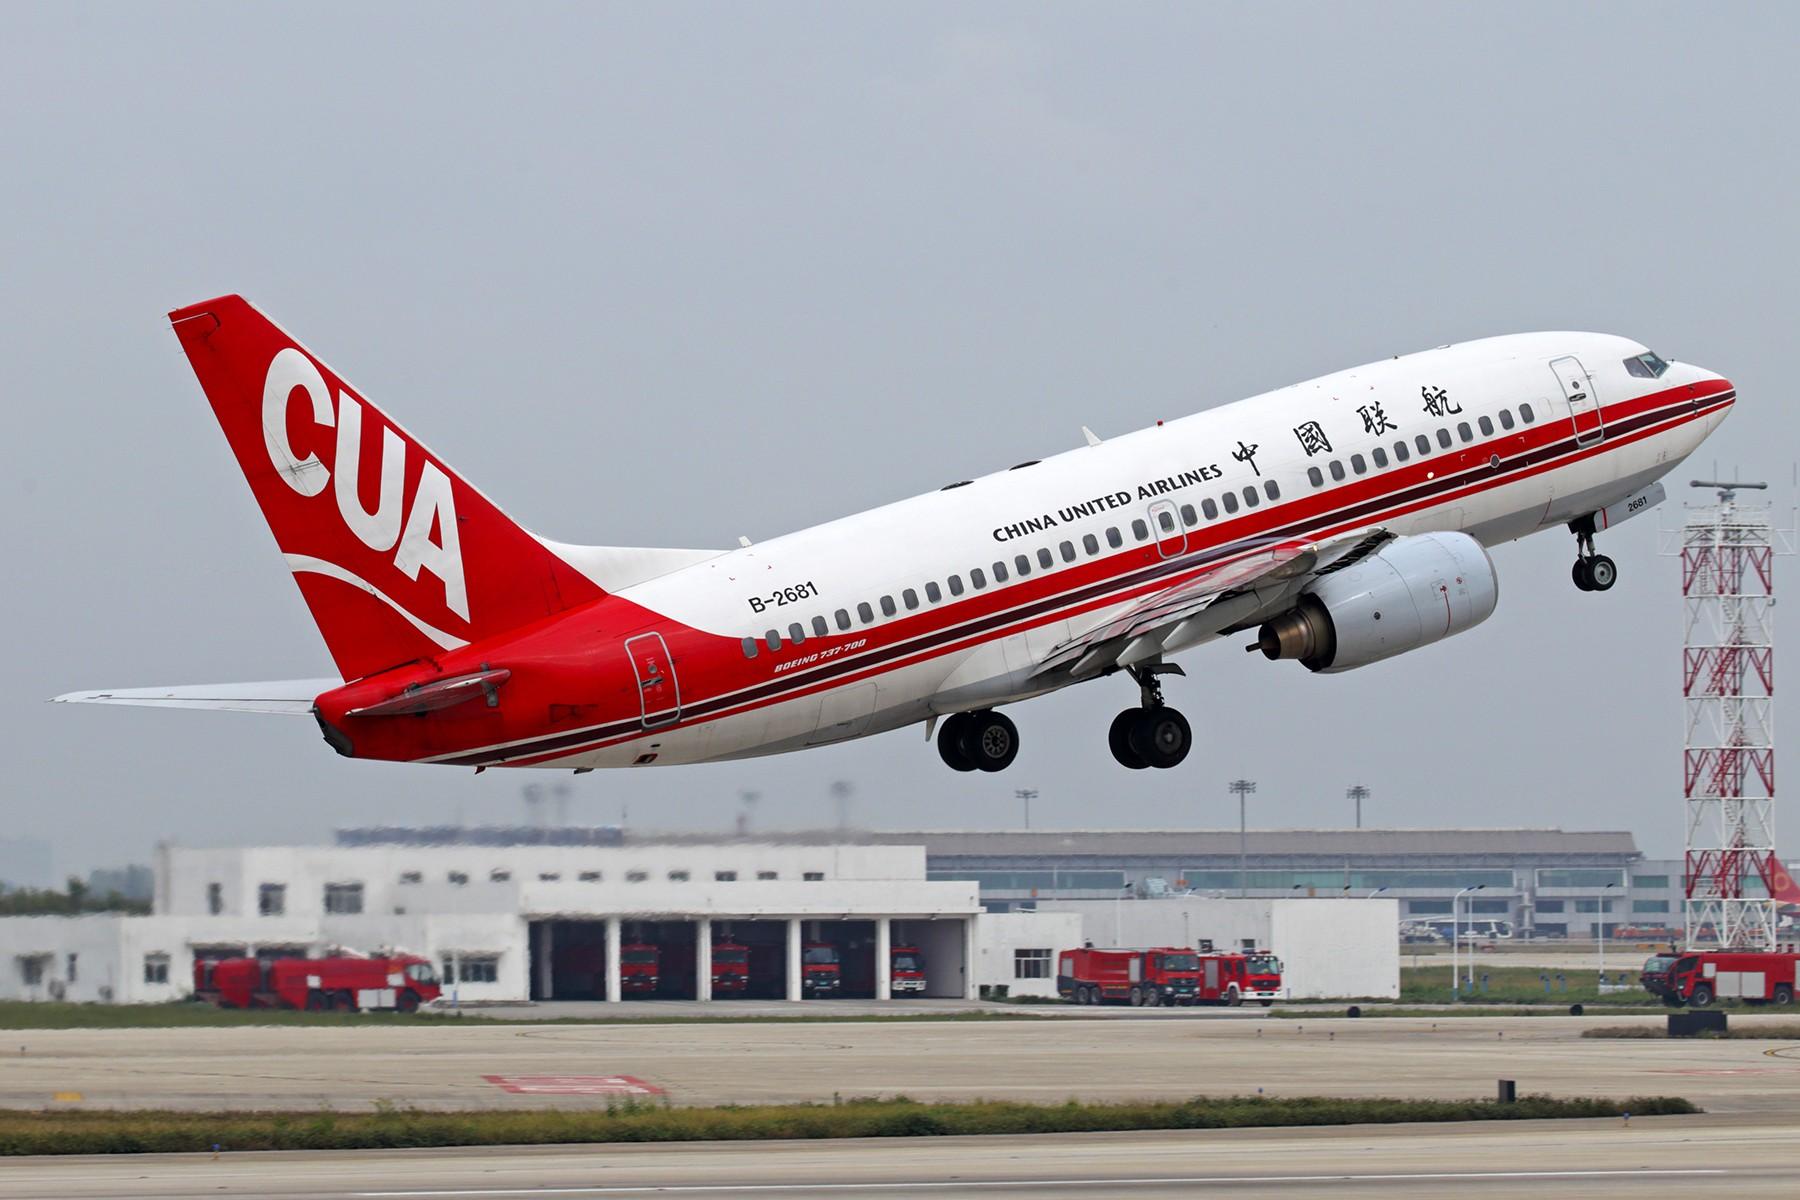 Re:[原创]【BLDDQ】******NKG07/25单跑道运行中----先贴波音****** BOEING 737-700 B-2681 中国南京禄口国际机场